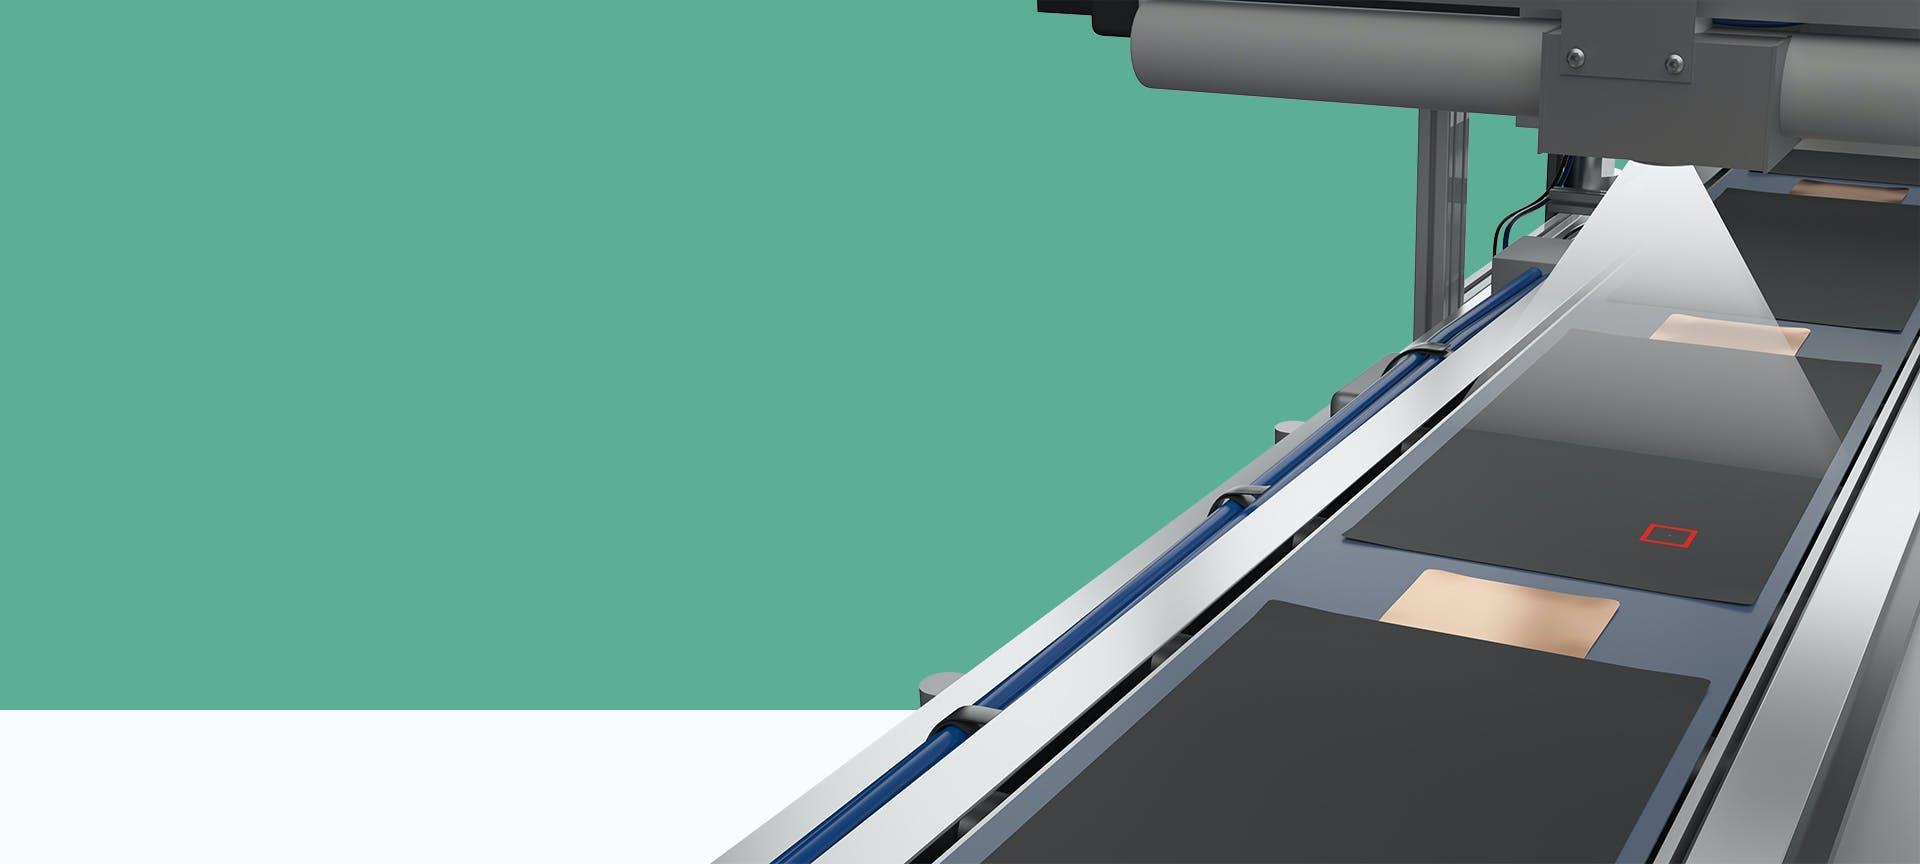 VITRONIC Oberflächenprüfung Batterieproduktion: Mehr Qualität und Output in der Batteriefertigung